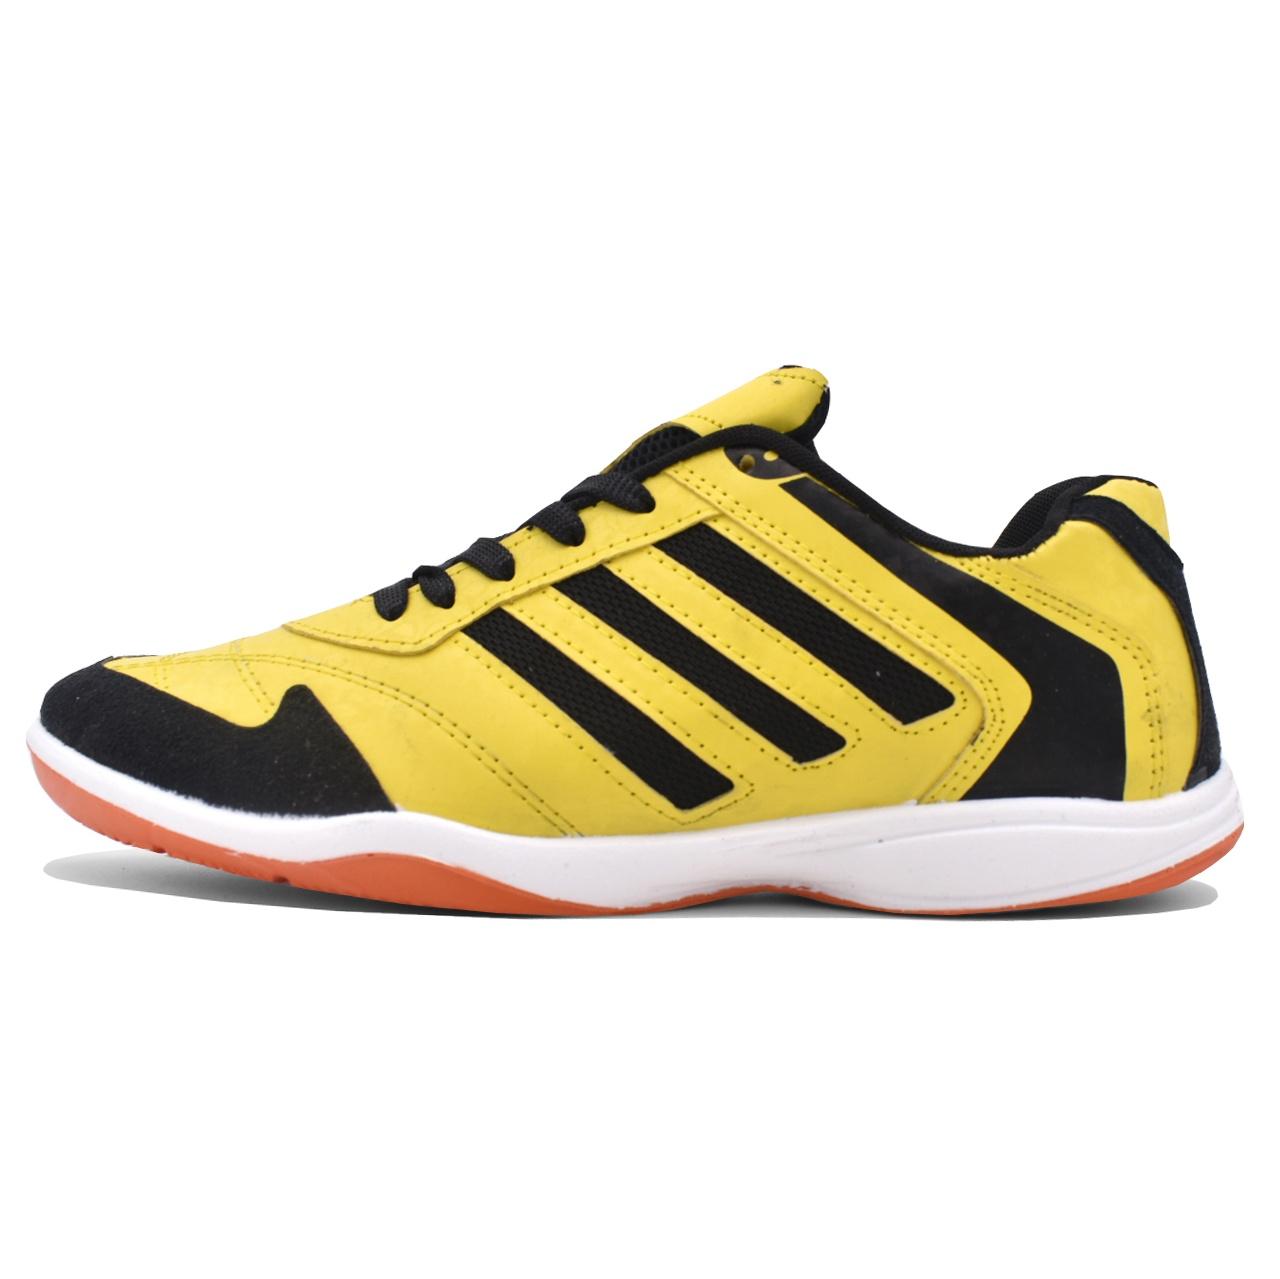 کفش فوتسال مردانه کد 1112